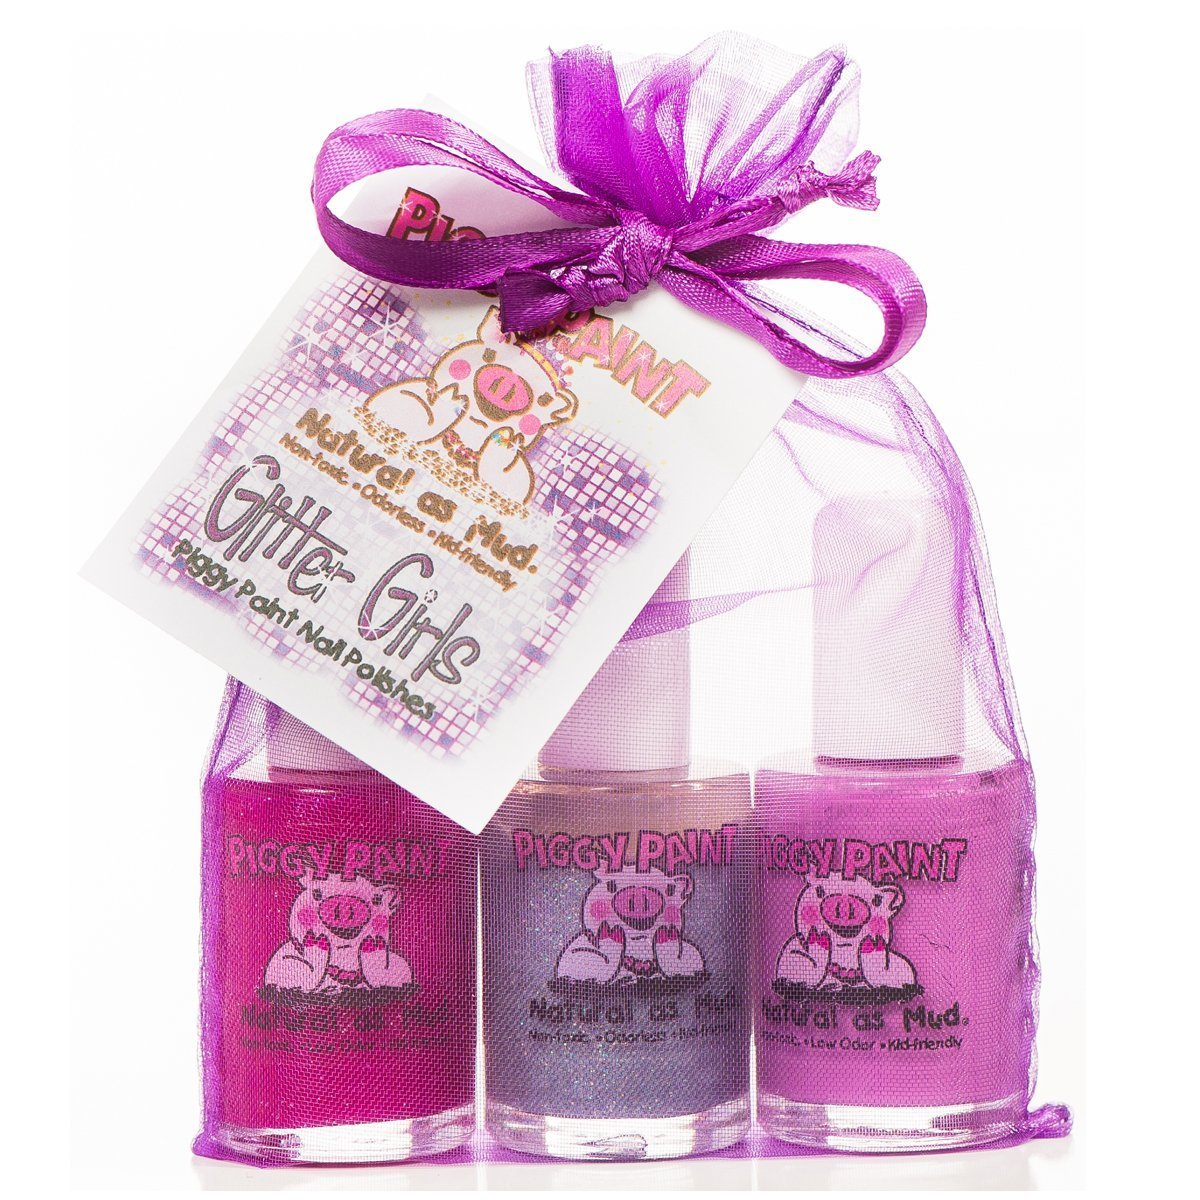 Amazon.com : Piggy Paint Gift Set, Glitter Girls : Non Toxic Glitter ...